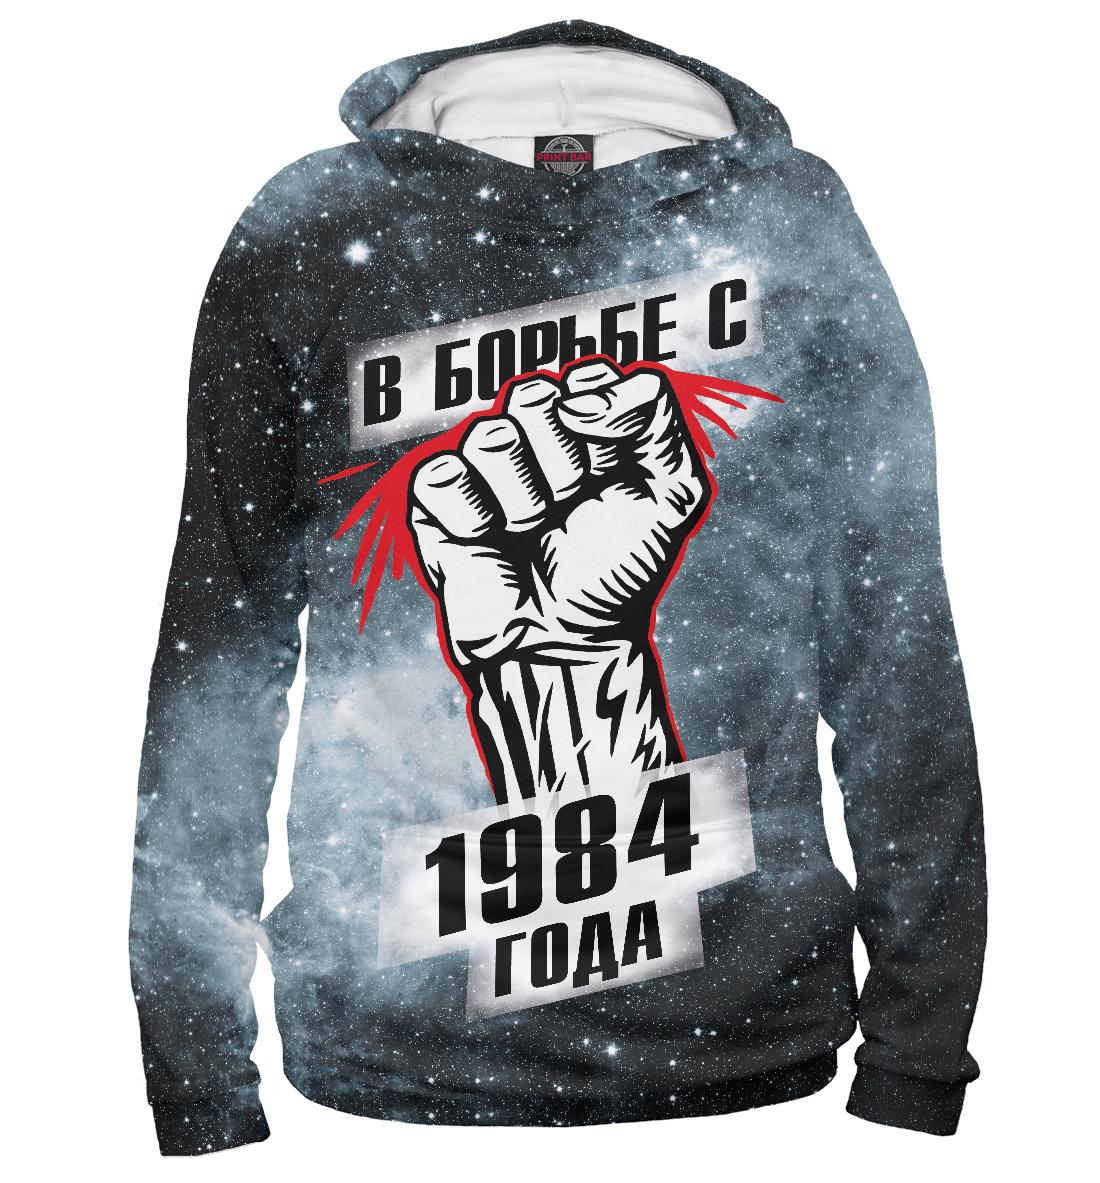 Купить В борьбе с 1984 года, Printbar, Худи, DVC-161310-hud-1